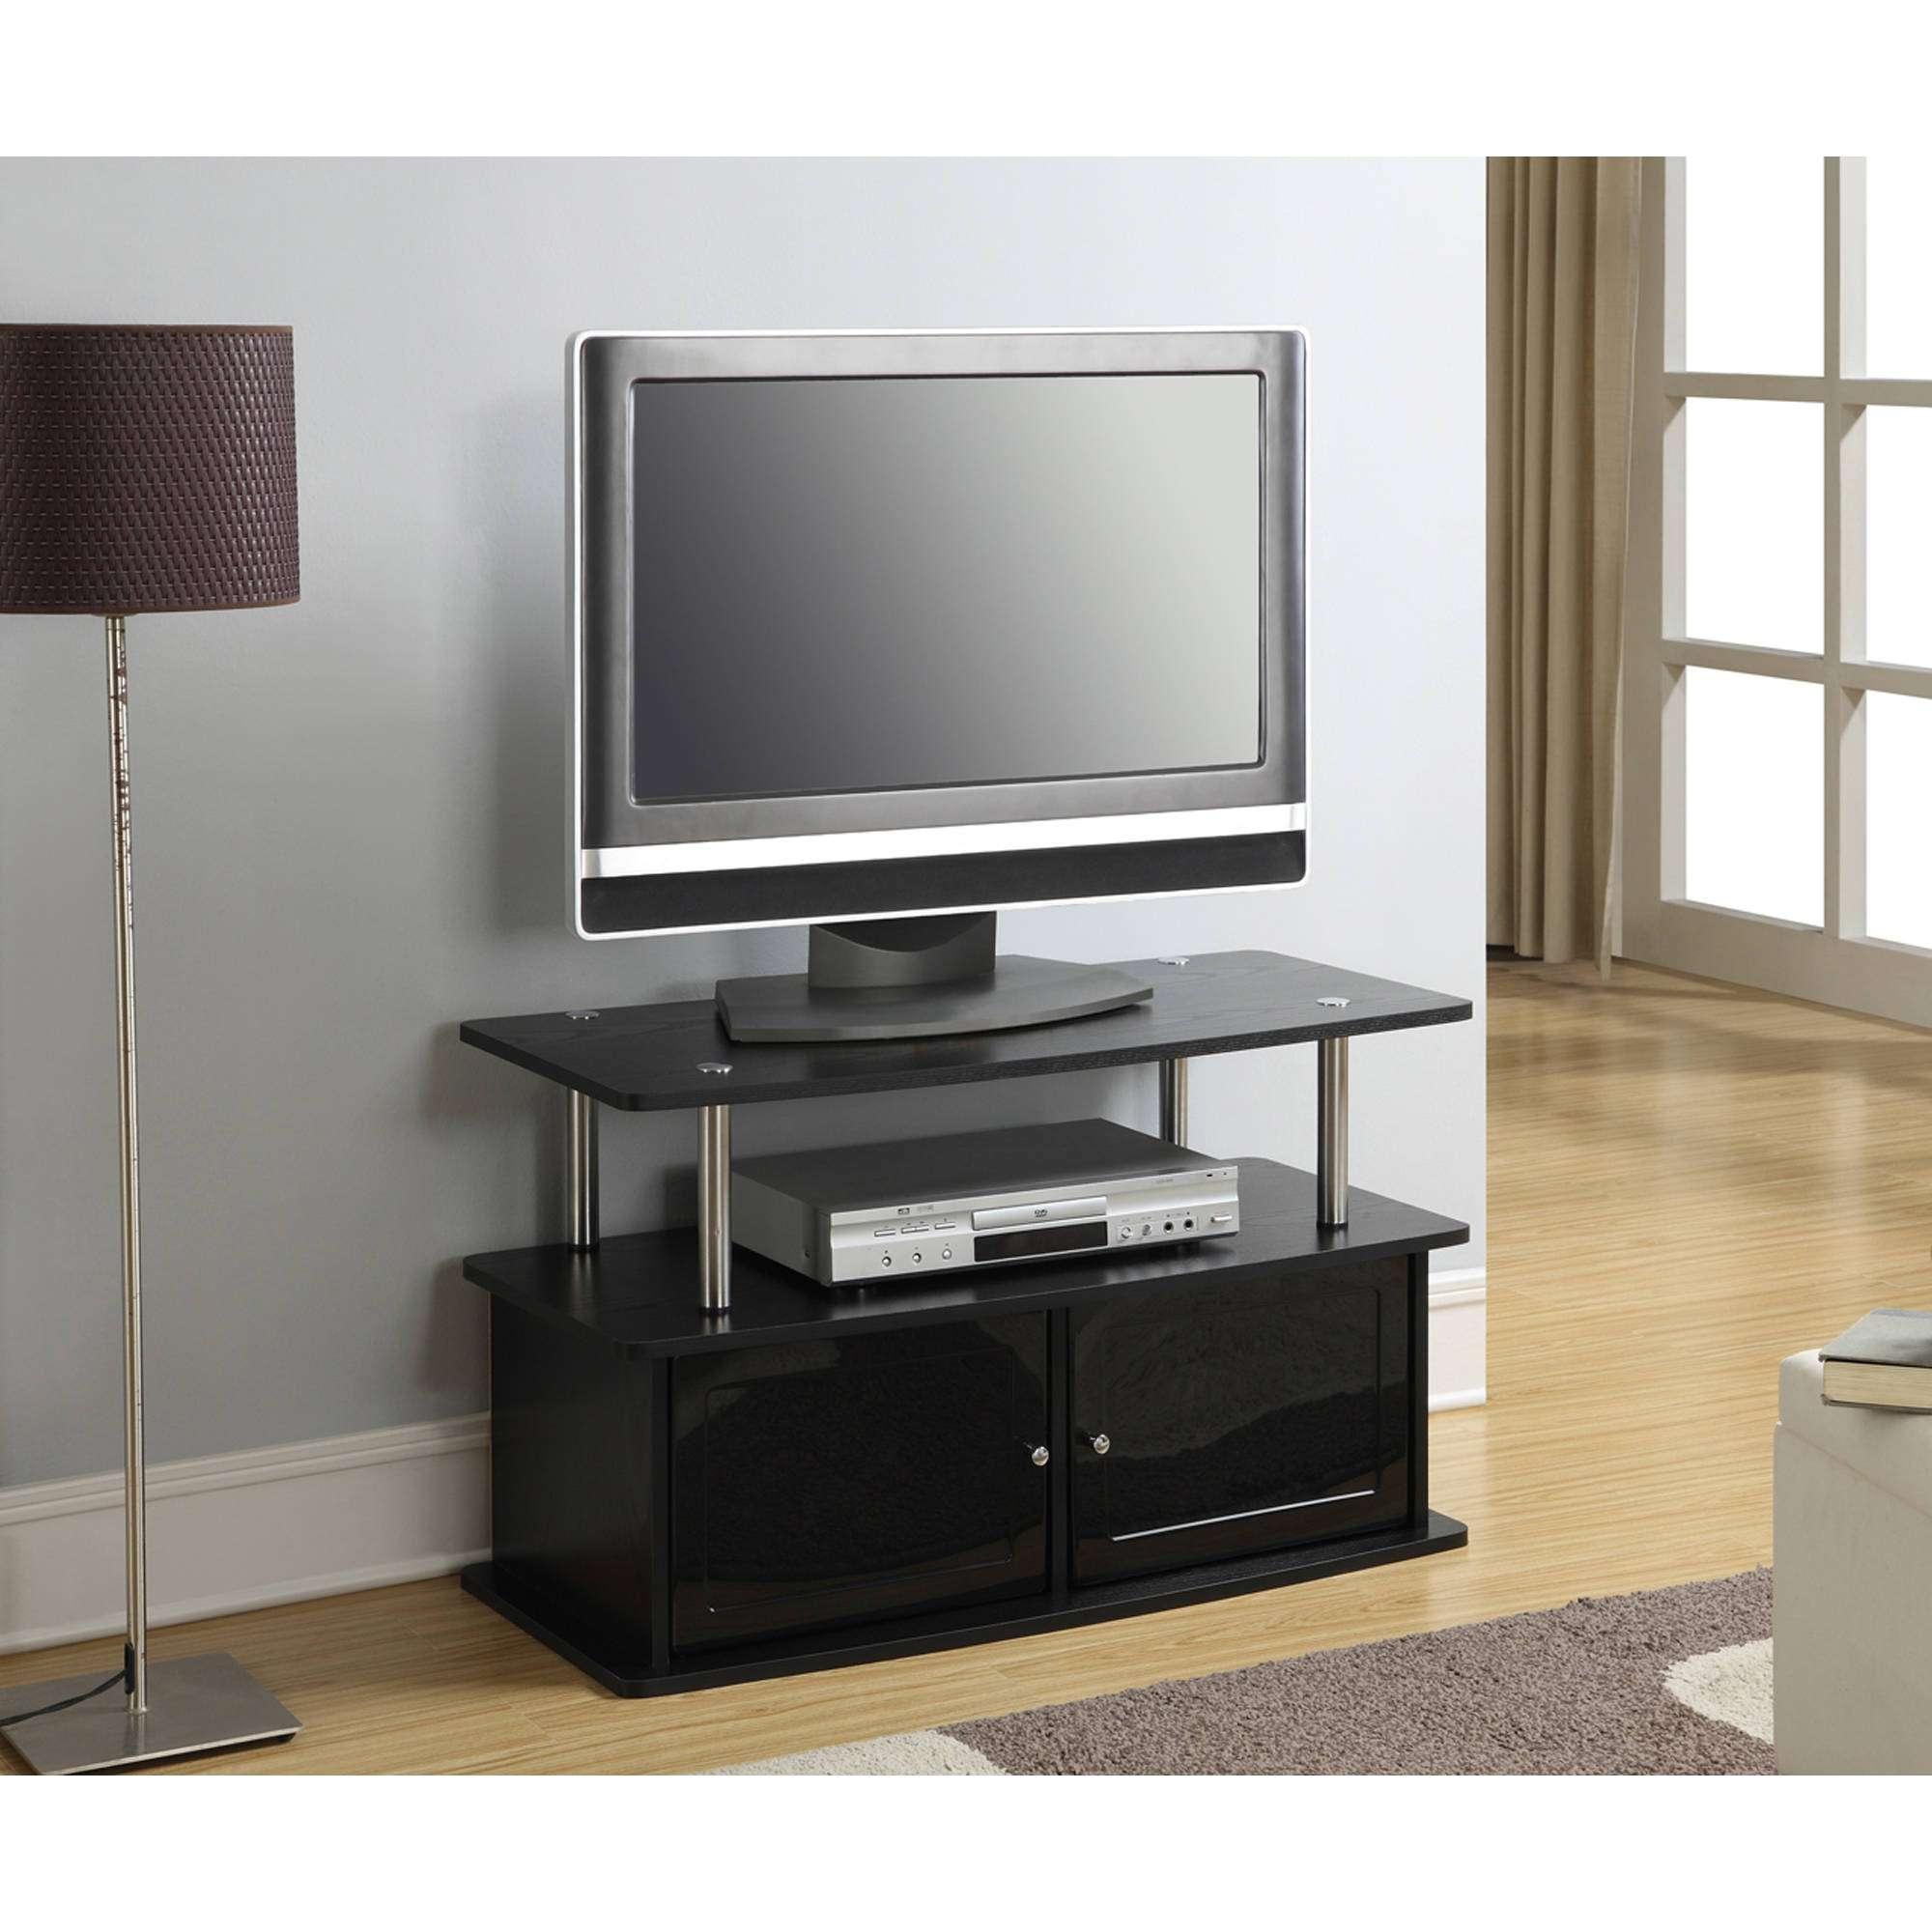 Tv : Cream Color Tv Stands Winsome Cream Coloured Tv Stands Within Cream Color Tv Stands (View 6 of 15)